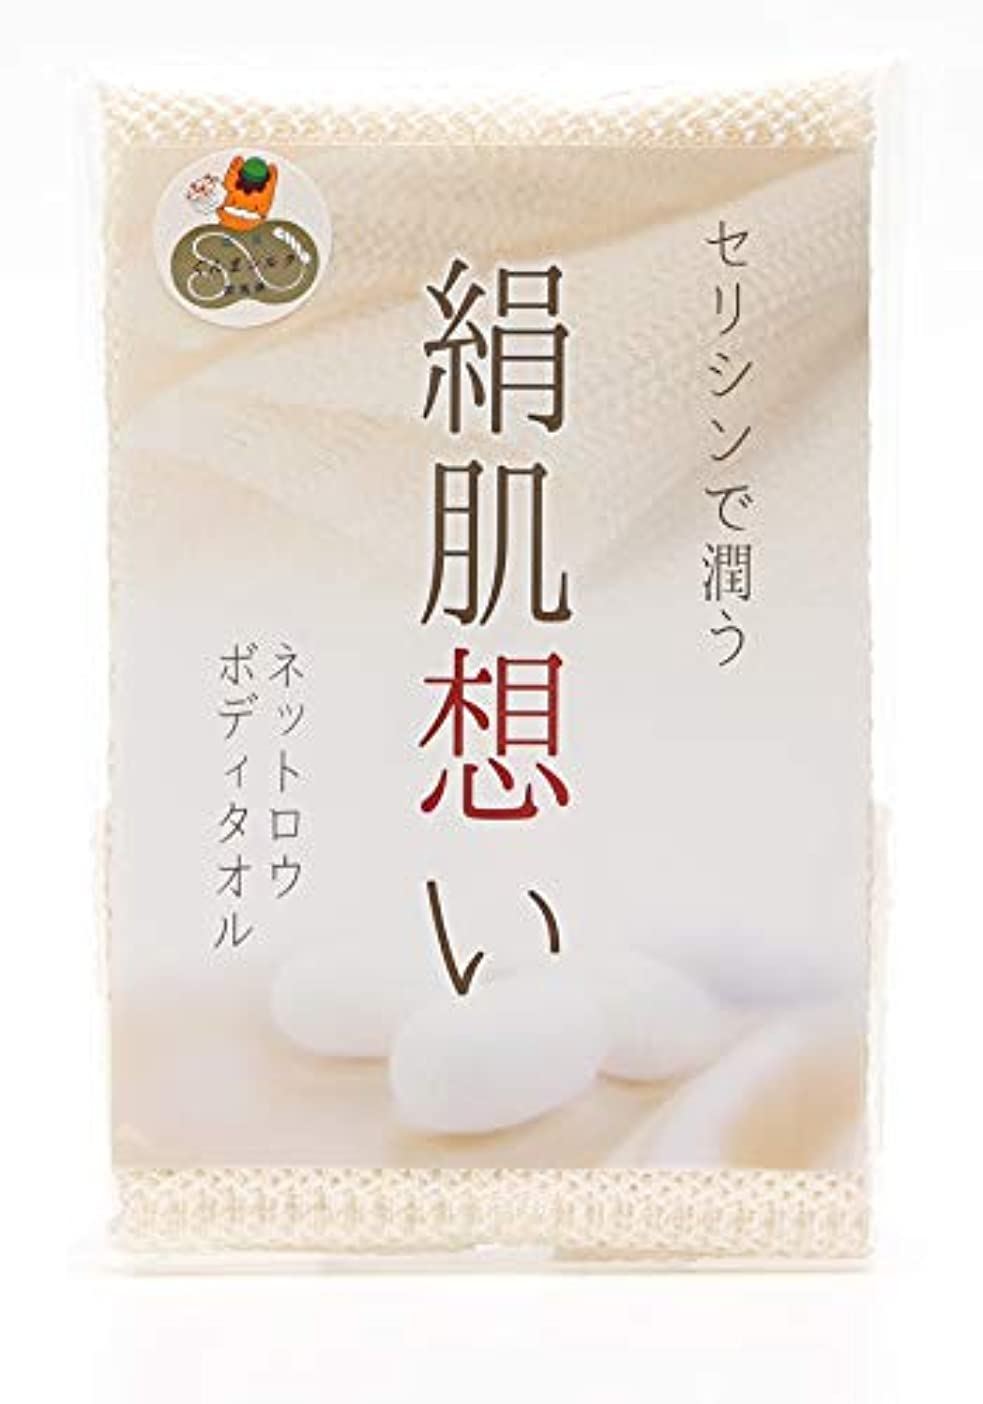 [ハッピーシルク] シルクボディータオル 「絹肌想い 」浴用ボディタオル セリシンで潤う シルク100% ネットロウ